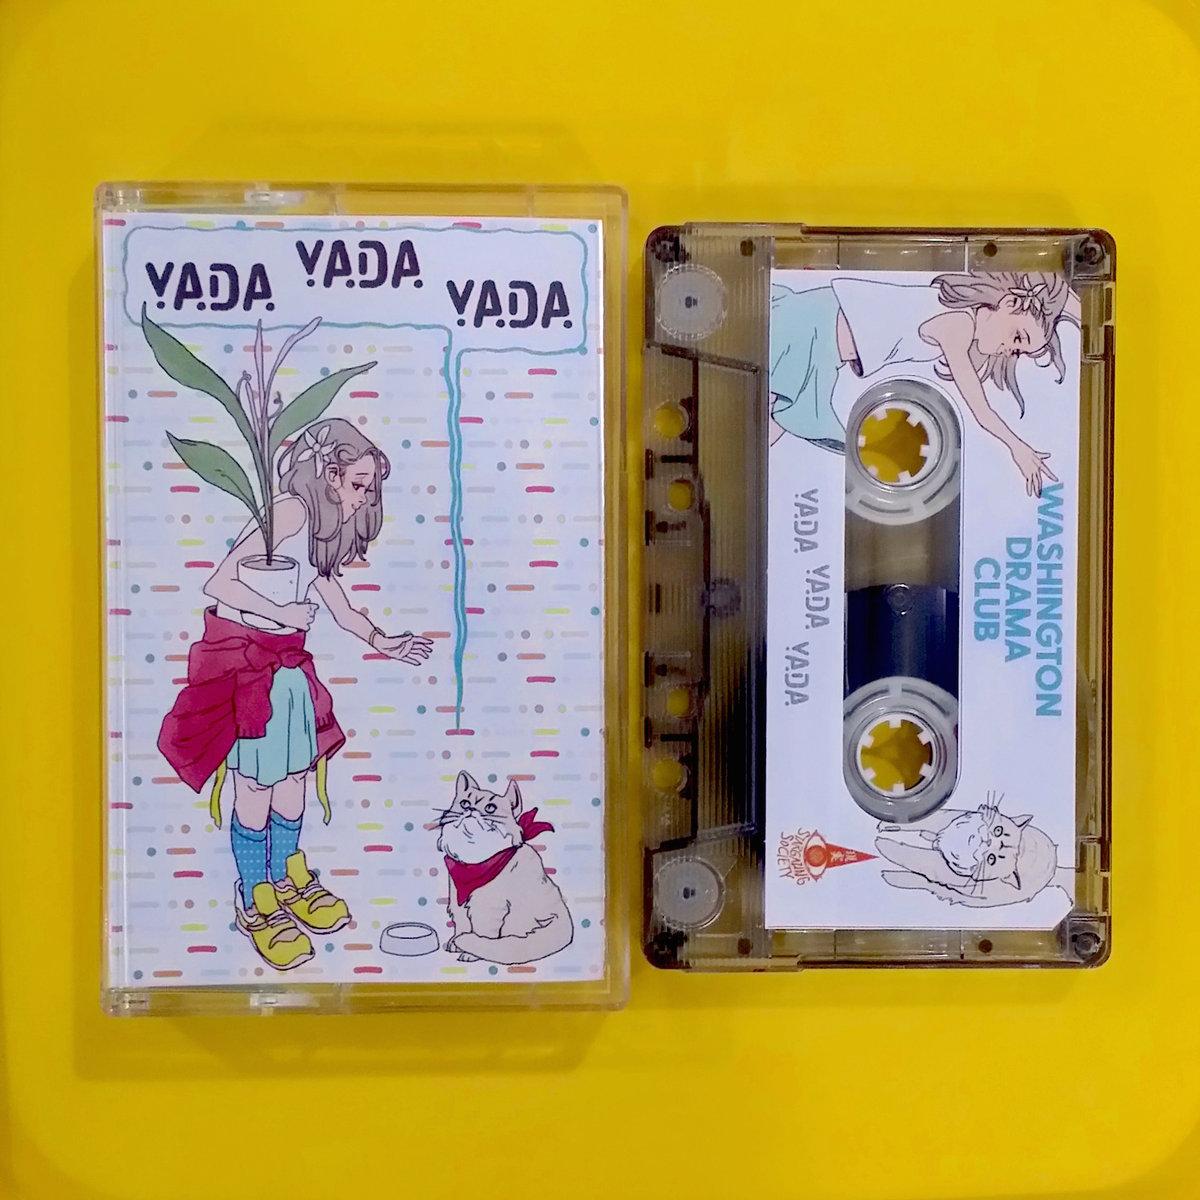 [SOLD] Washington Drama Club - Yada Yada Yada (Genjitsu Stargazing Society)